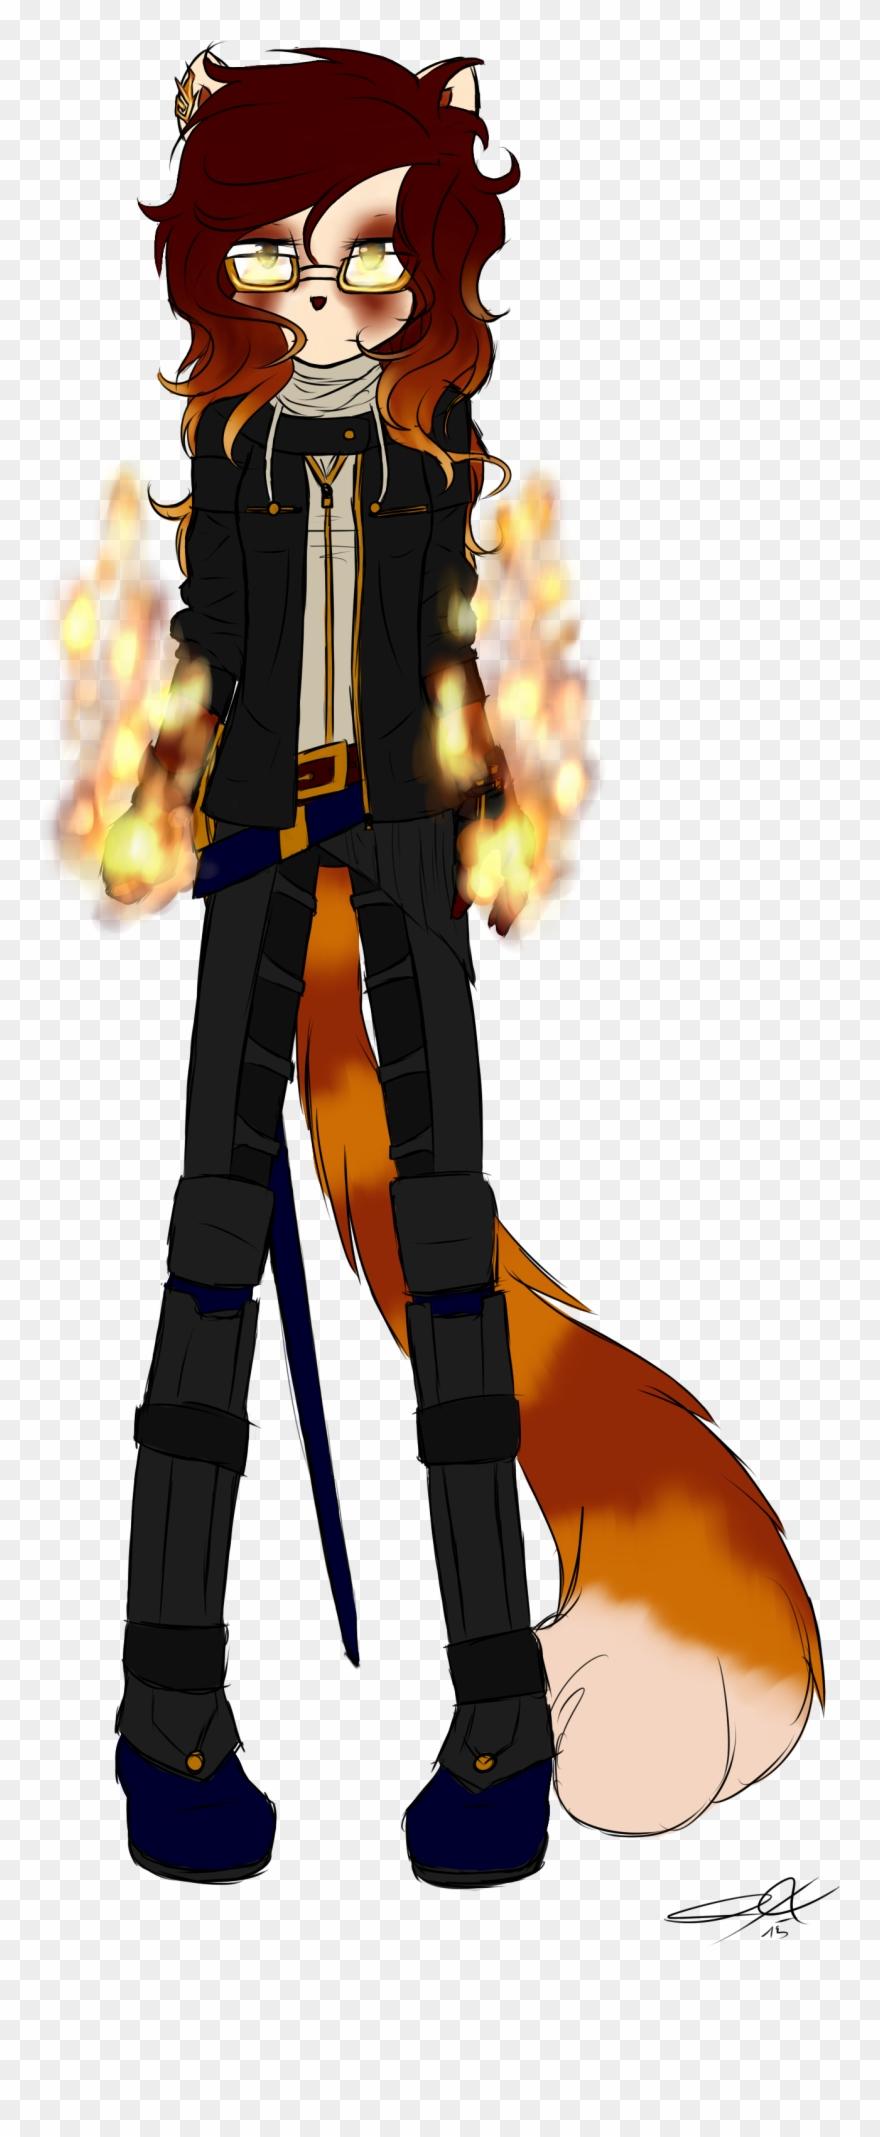 red-panda # 5014335